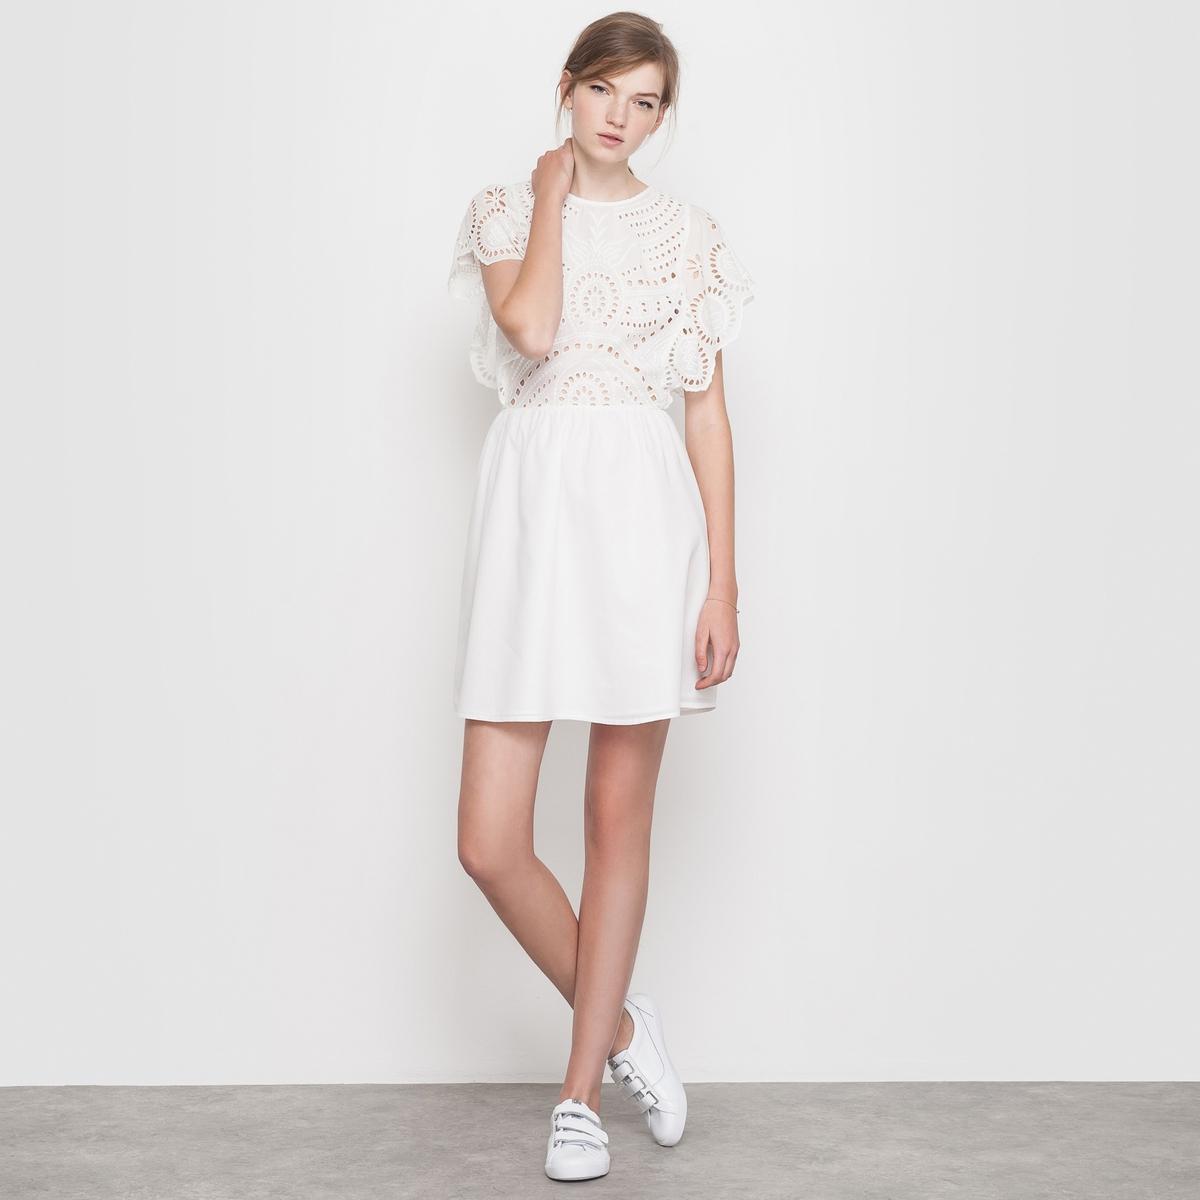 Платье с вышивкойСостав и деталиМатериал: 100% хлопкаДлина 90 смБренд: Mademoiselle R<br><br>Цвет: слоновая кость<br>Размер: 40 (FR) - 46 (RUS).38 (FR) - 44 (RUS)